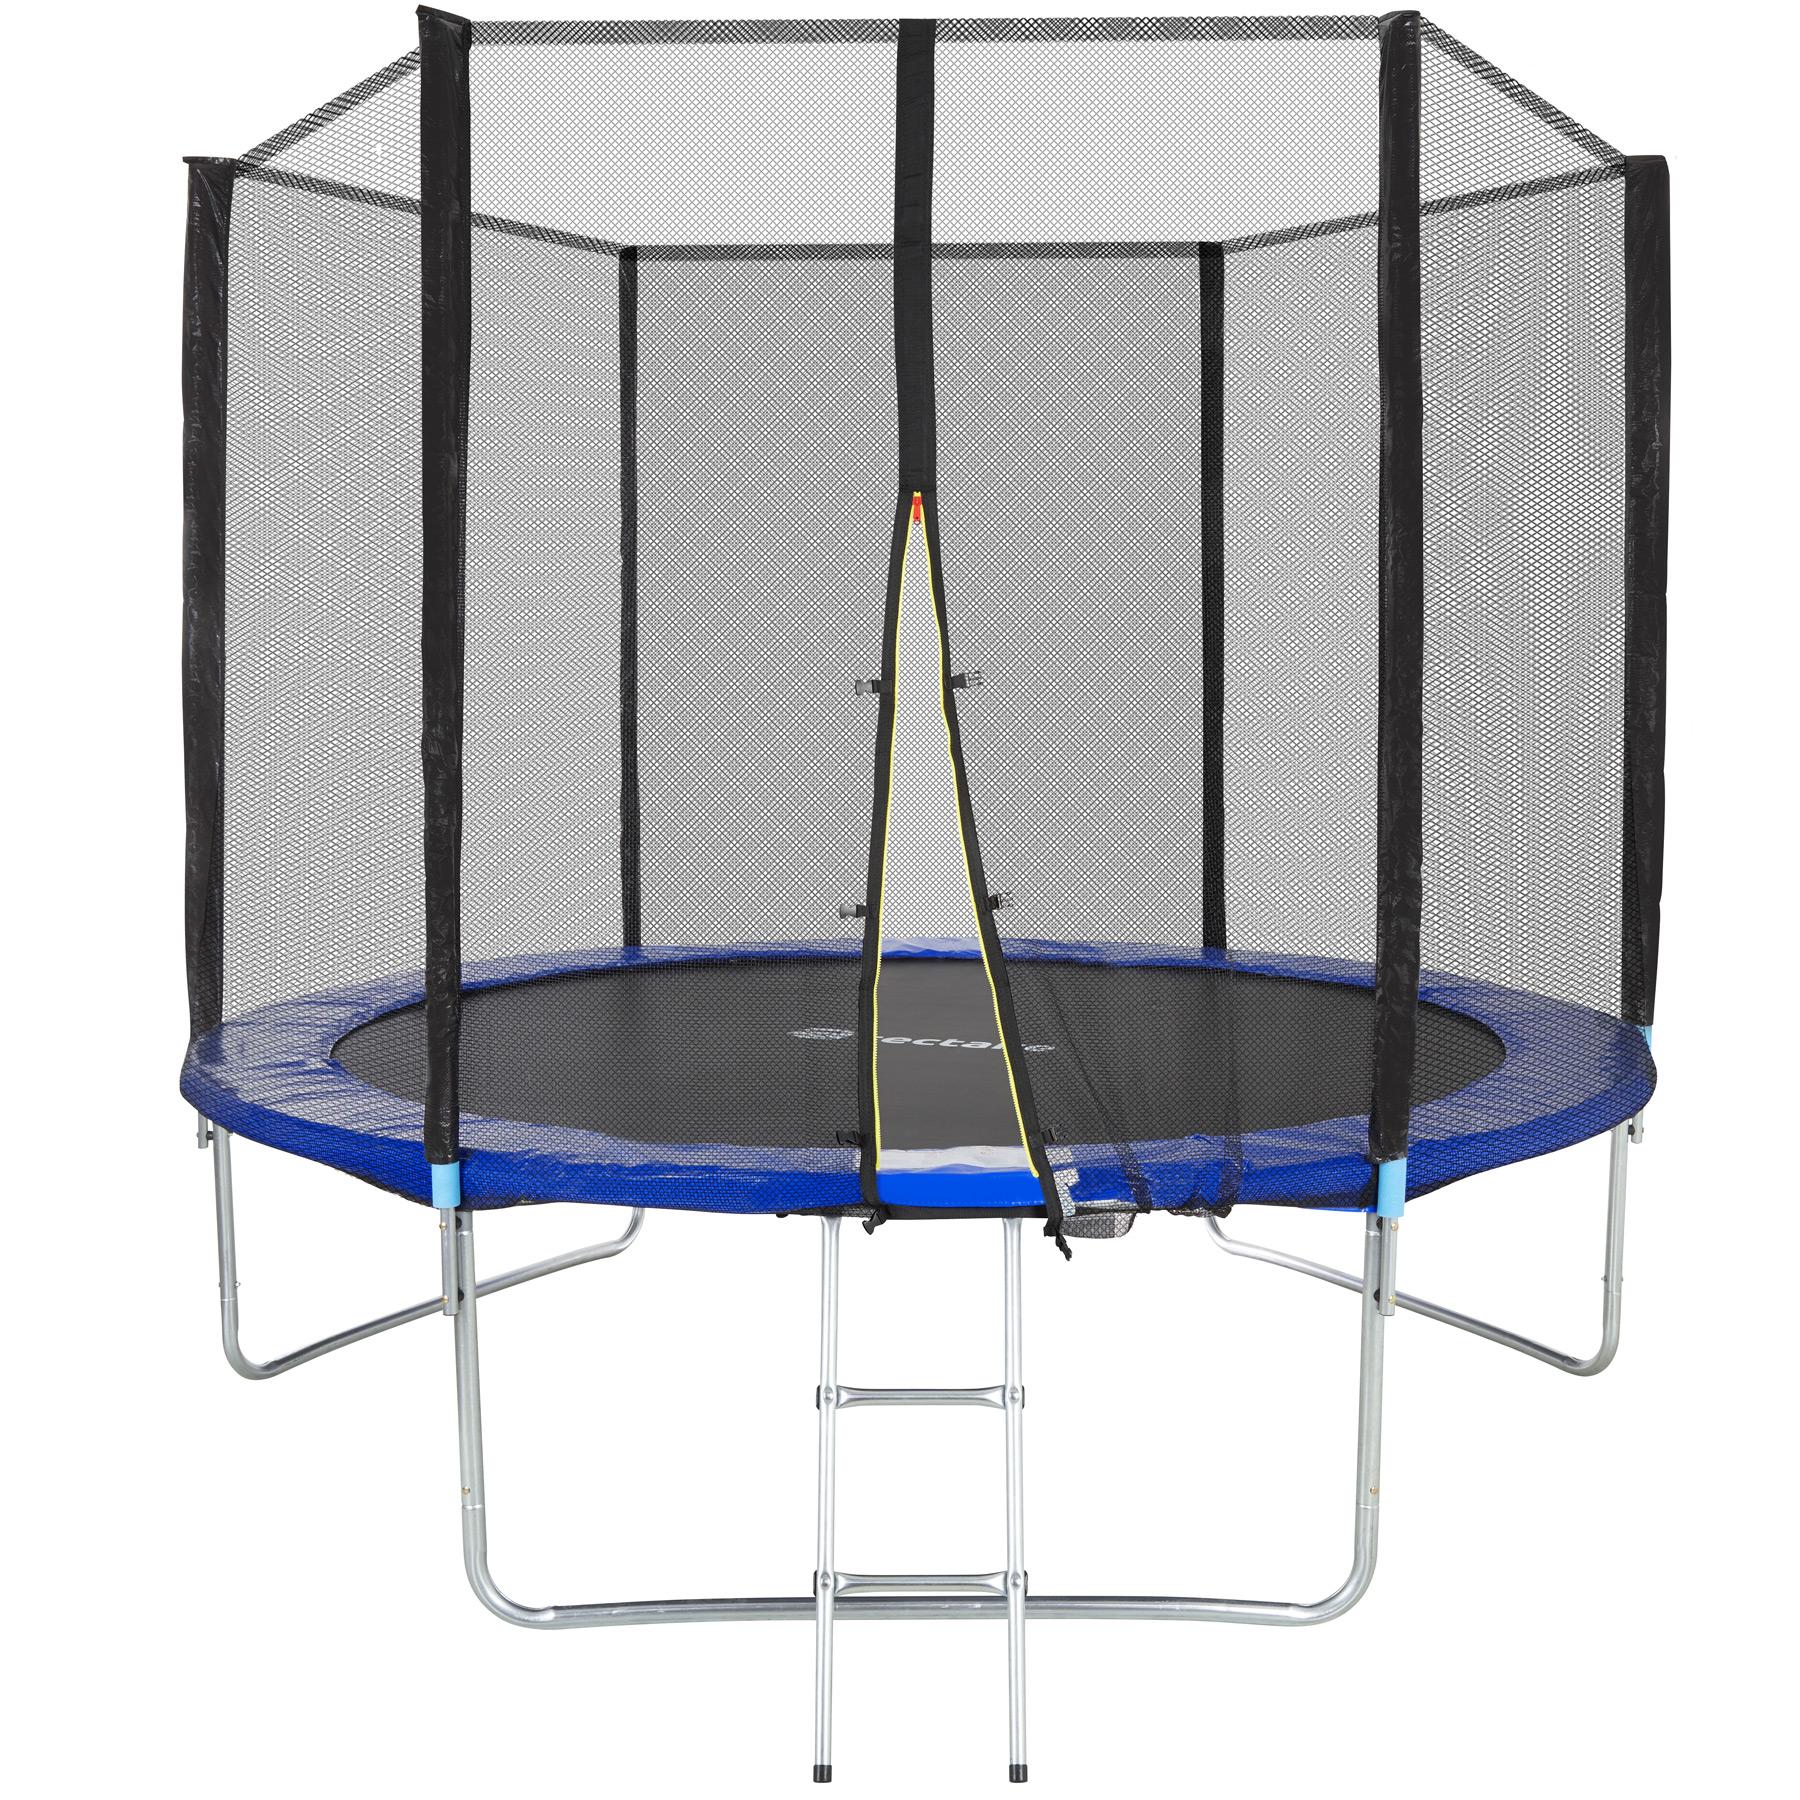 Trampolin Garfunky 305 cm günstig online kaufen